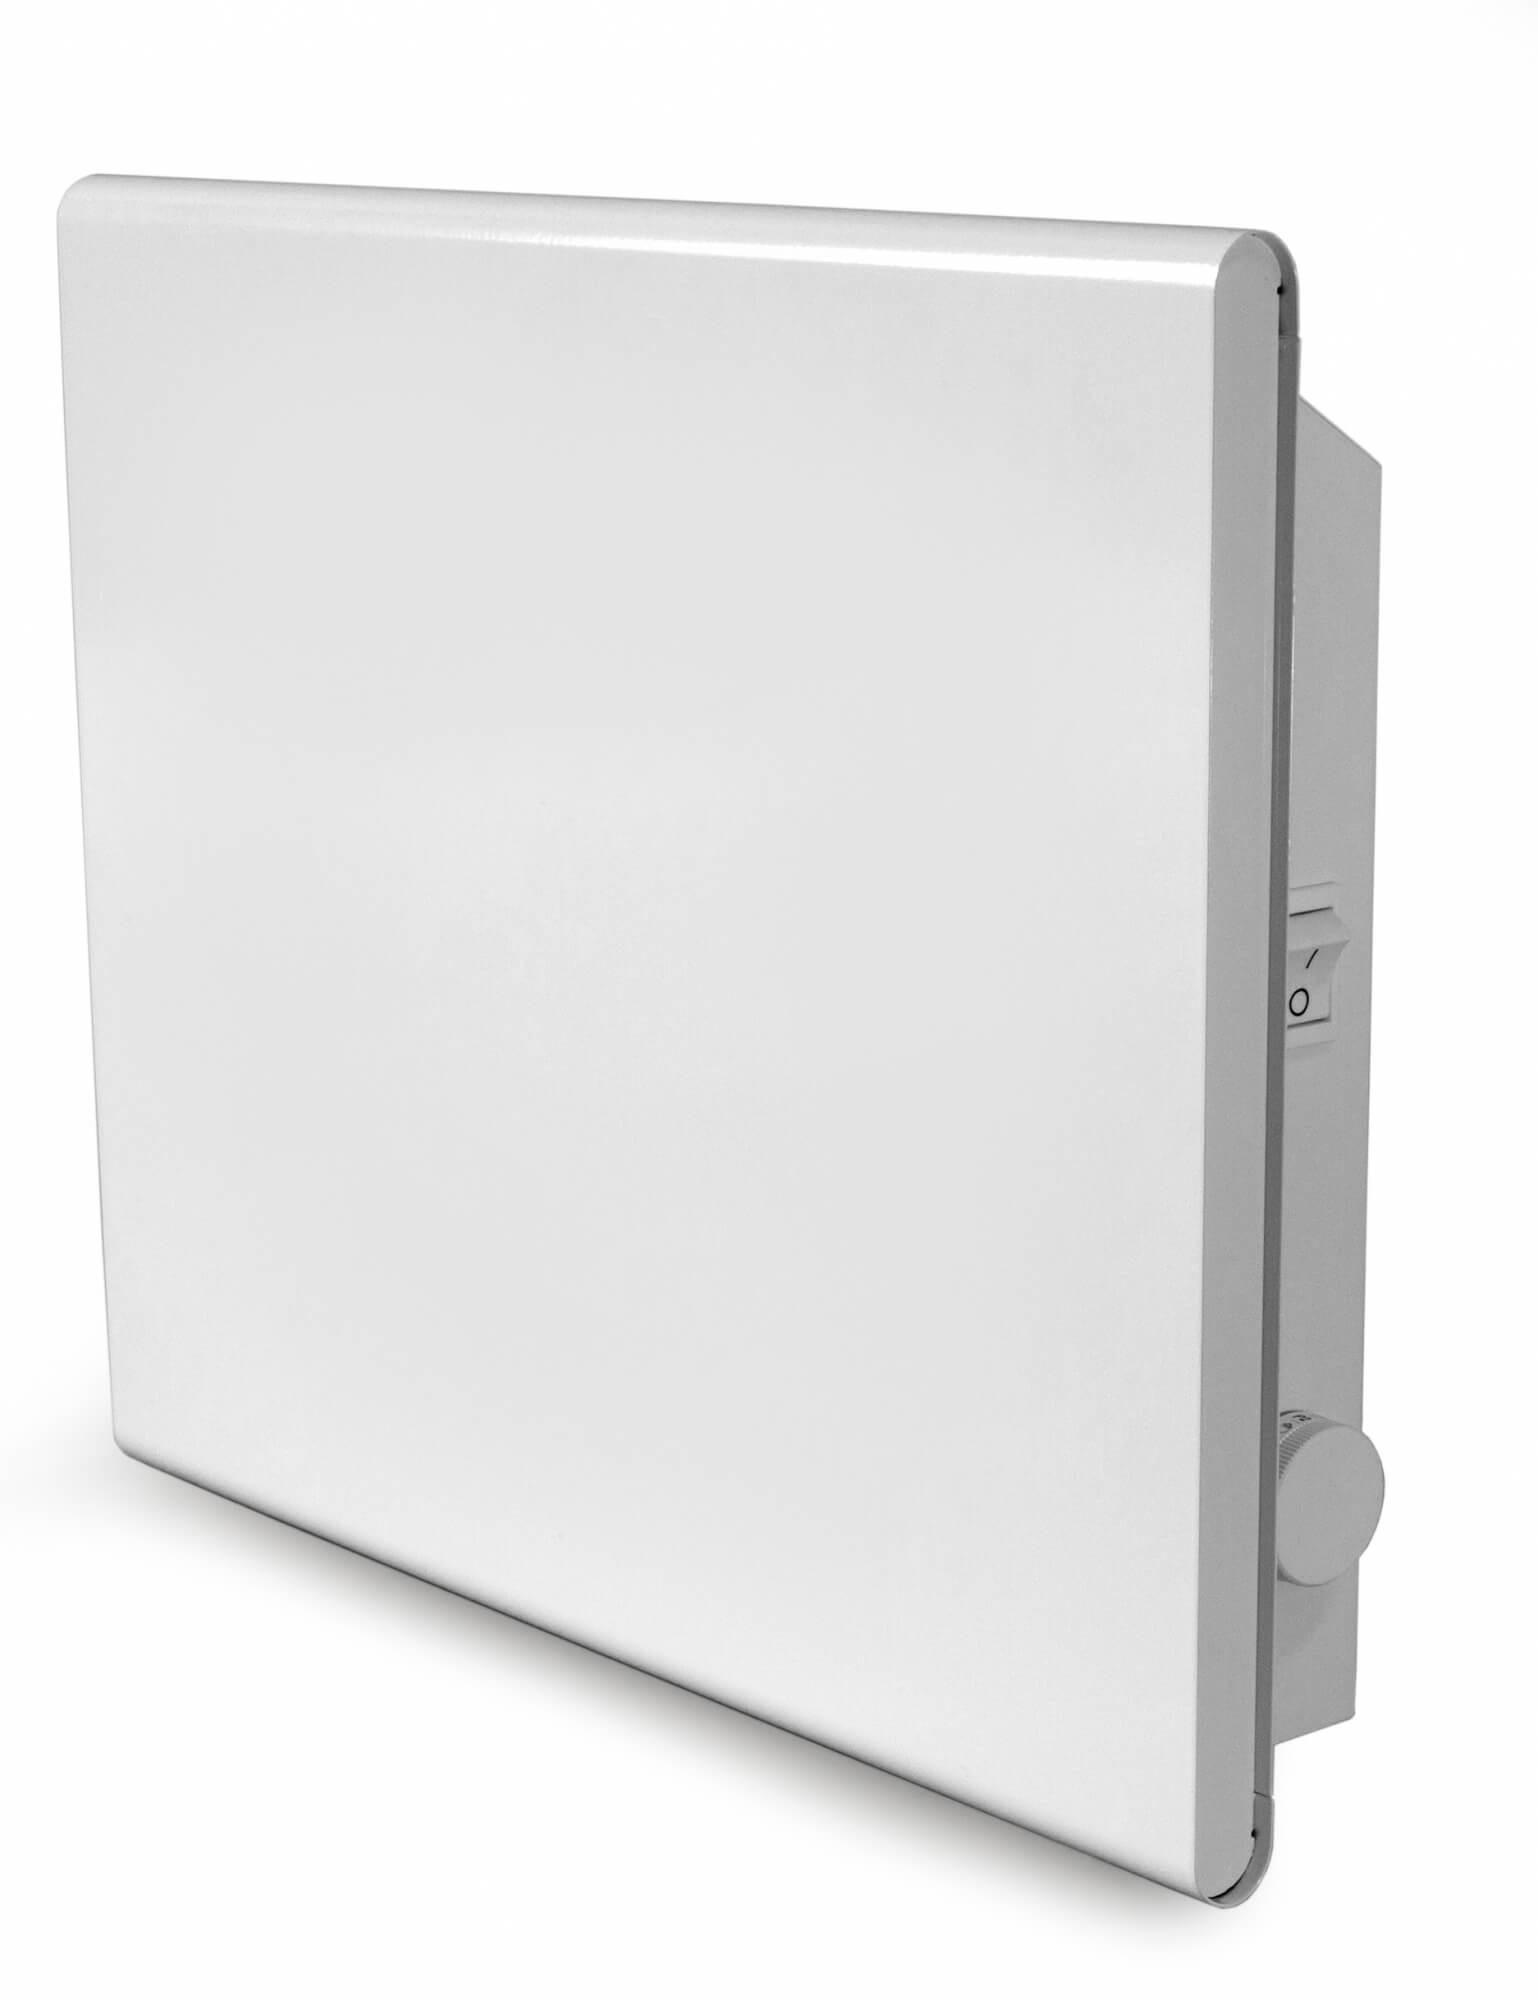 Nordart norvég adax eco fűtőpanel egyszerű beállítással